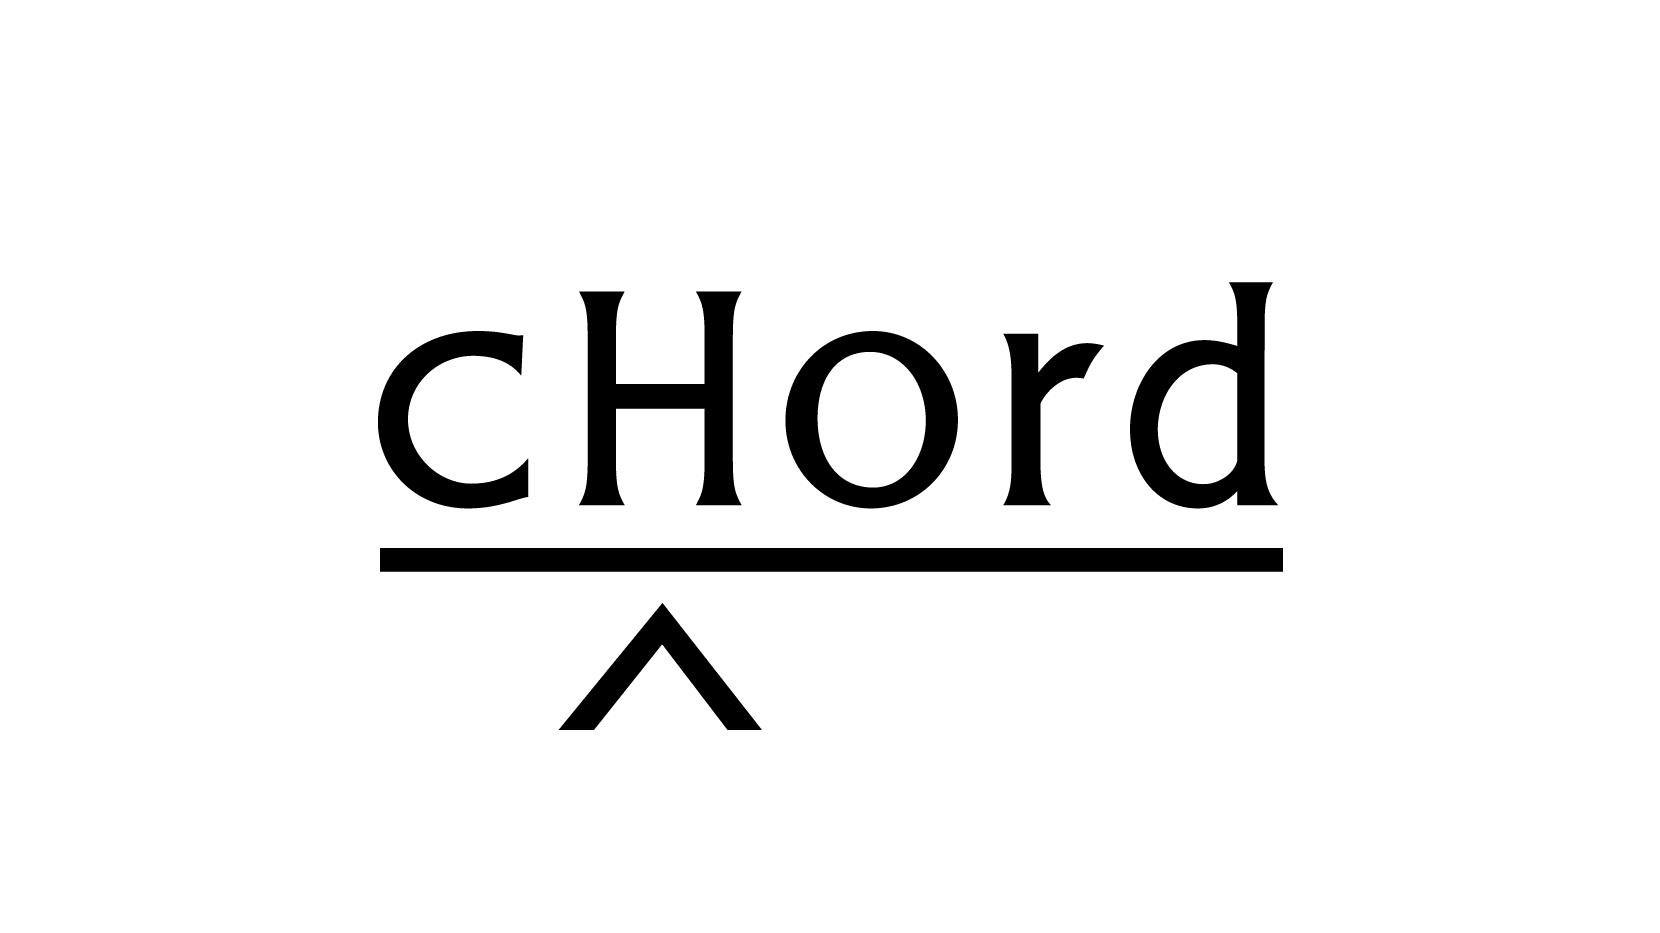 cHord8-min.png